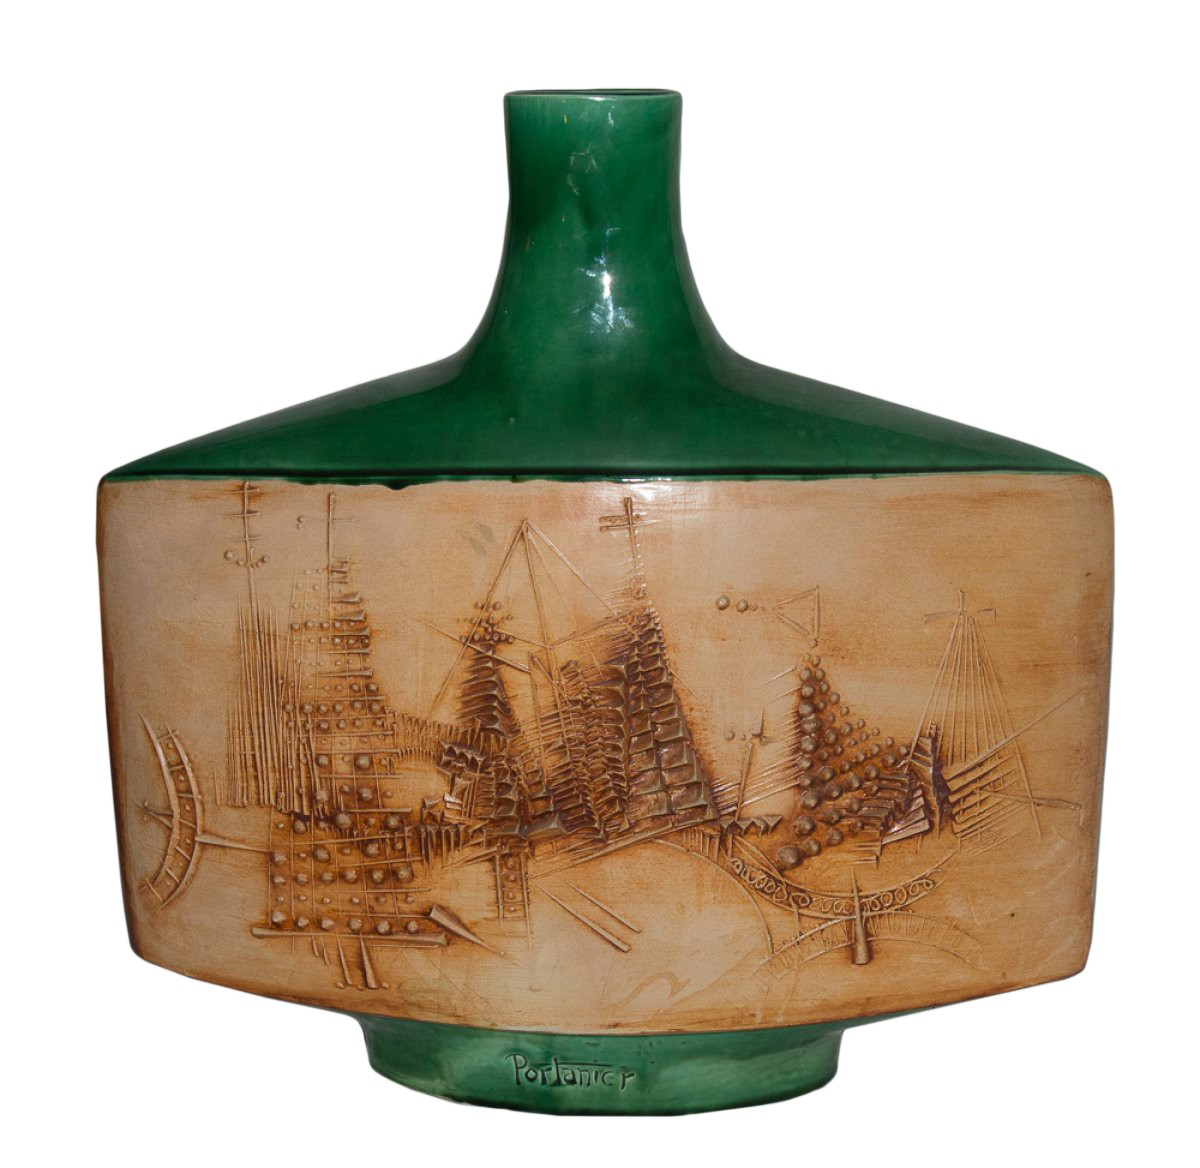 Vase plat en cramique de Vallauris sign Portanier circa 1960  XXe sicle  N45392